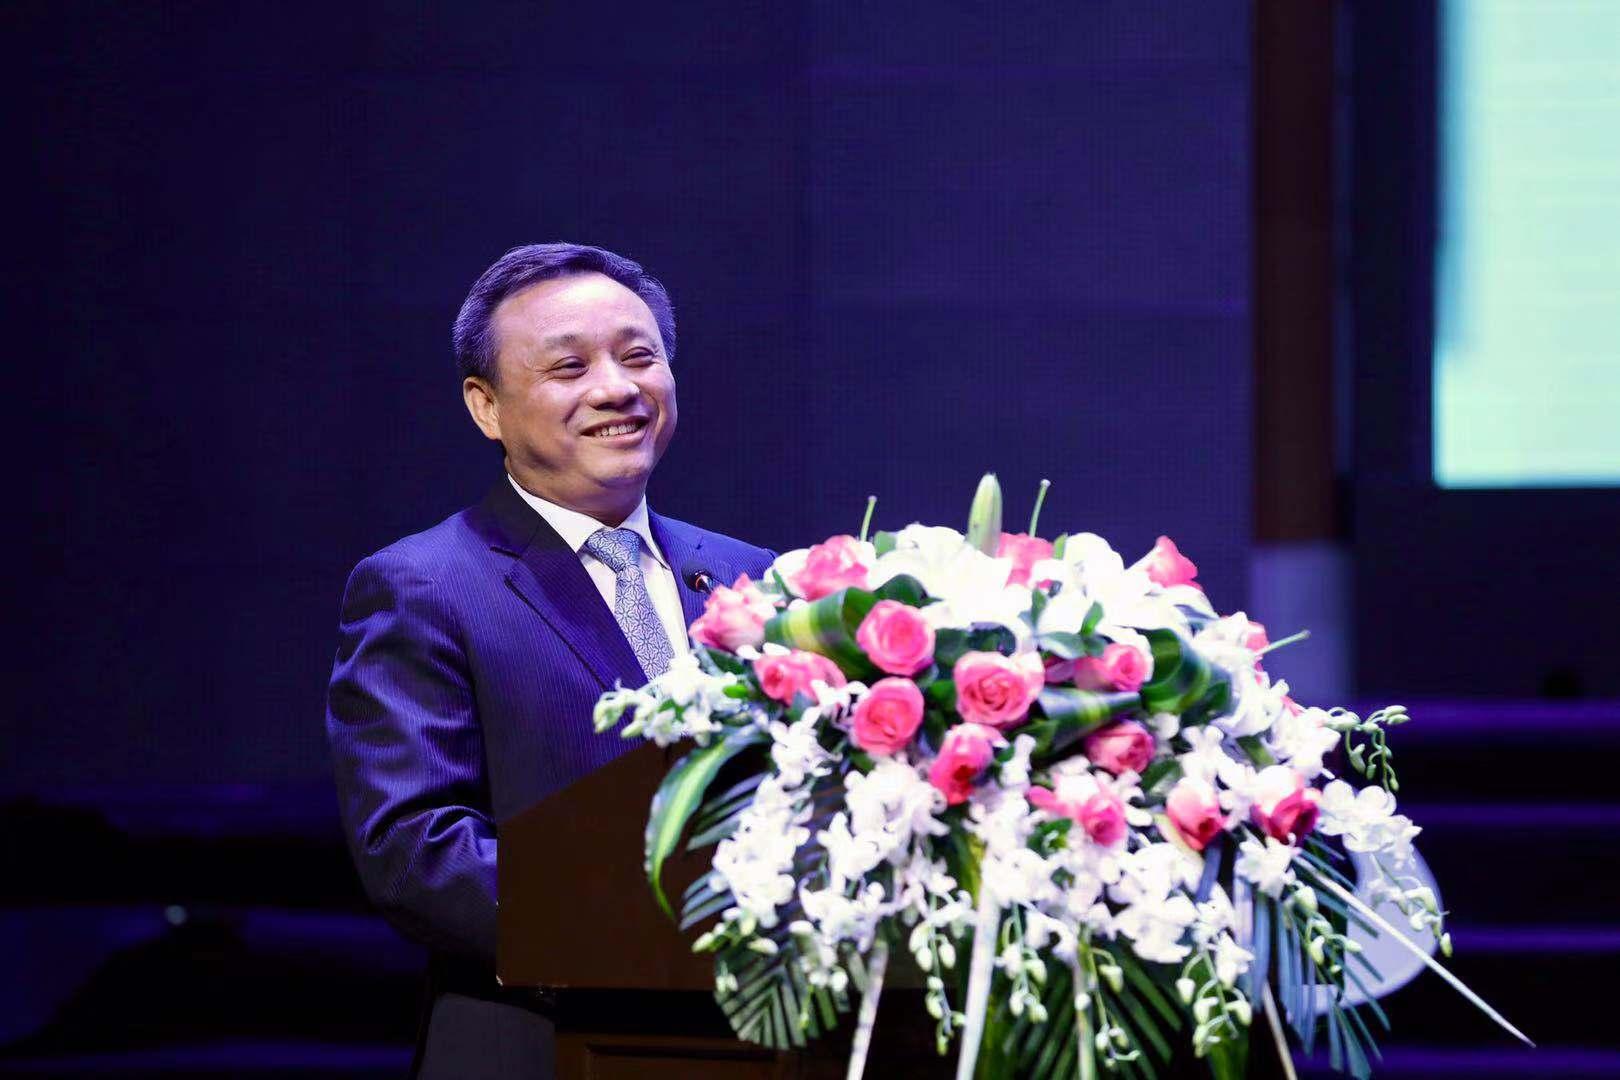 中誠信集團創始人、董事長毛振華發表演講